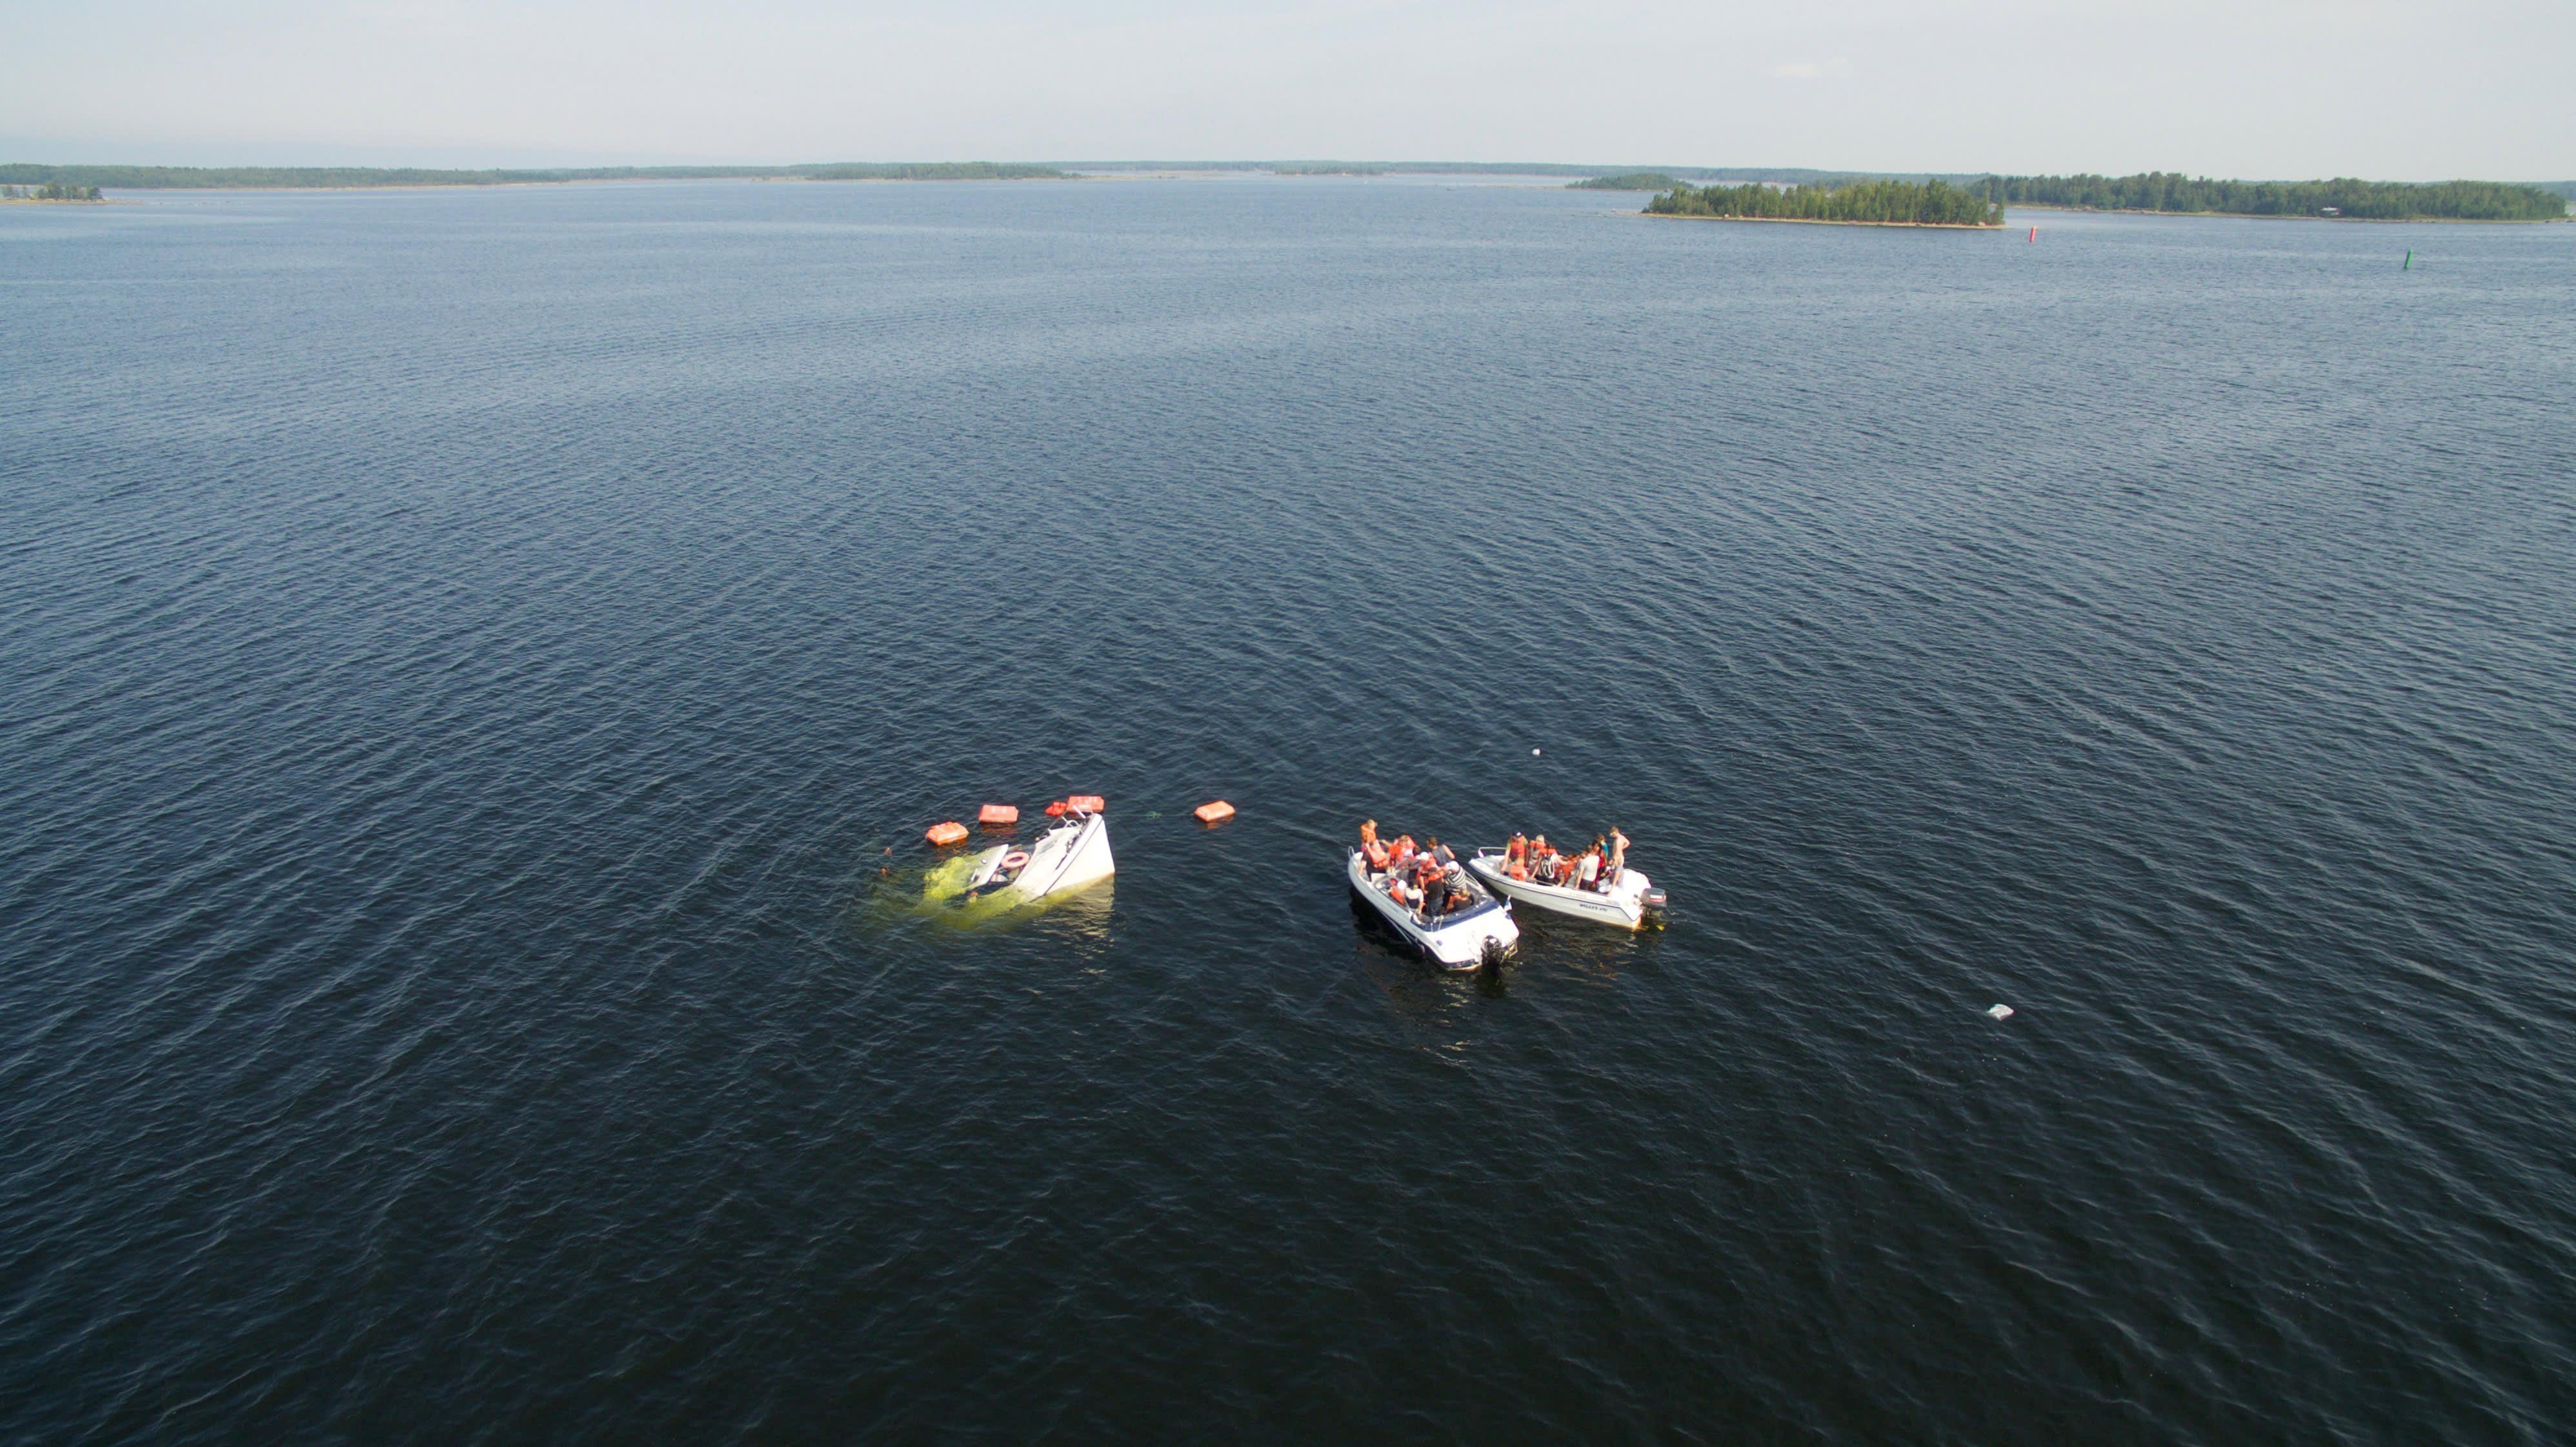 M/s Mässkär upposi torstaina puolimatkassa Pietarsaaren vanhastasatamasta Mässkärin saarelle.